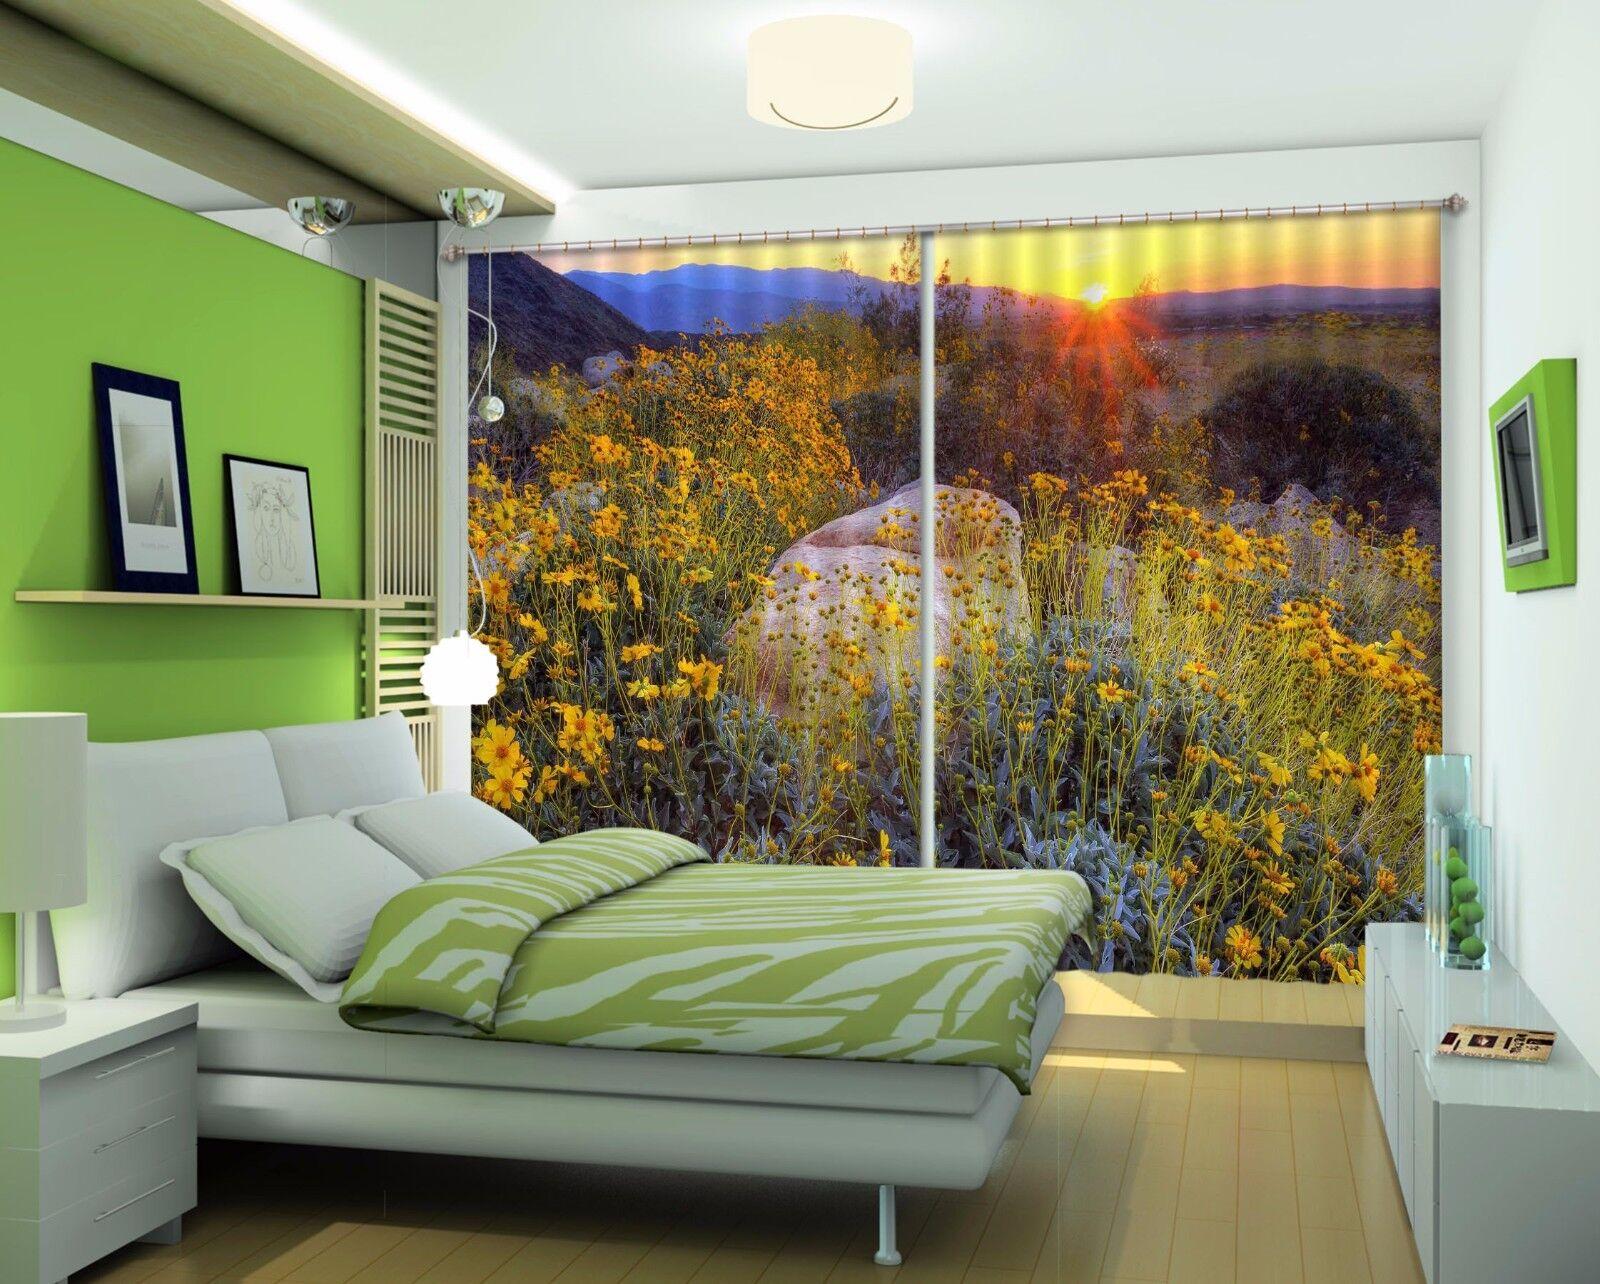 3D Flor puesta de sol 8 Cortinas de impresión de cortina de foto Blockout Tela Cortinas Ventana Reino Unido